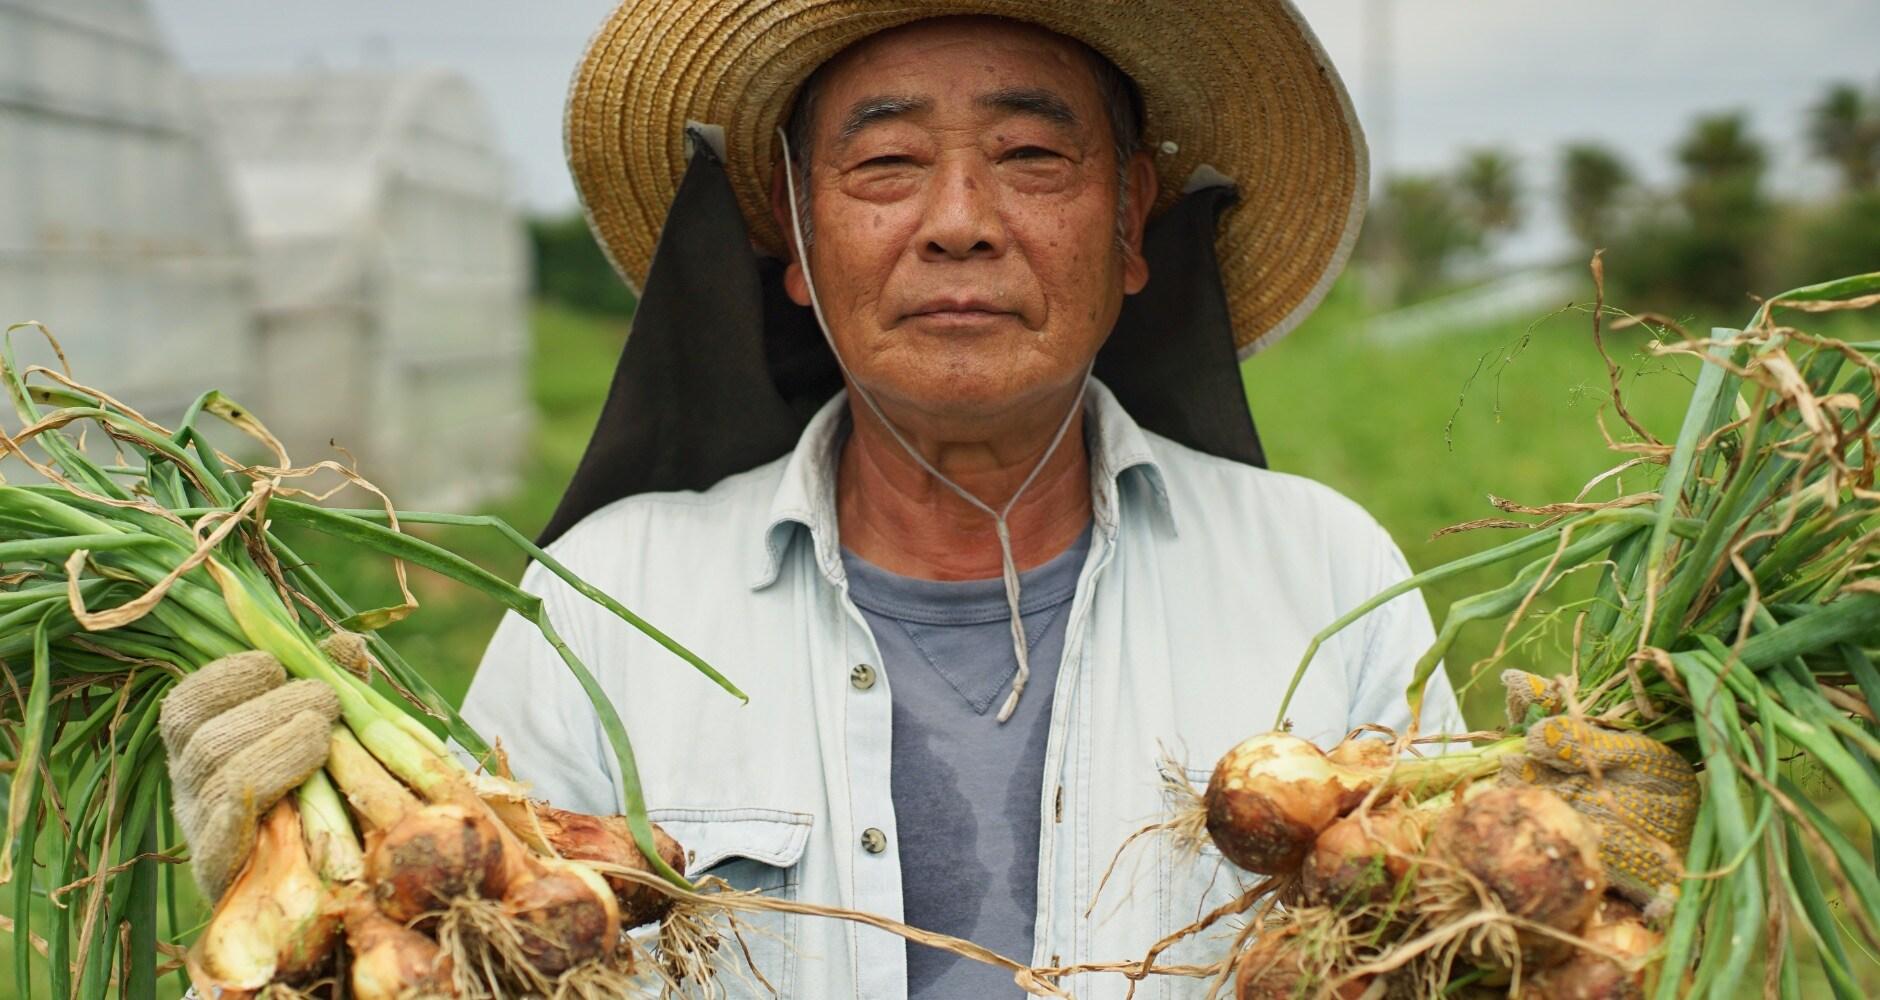 農家が元気だからやさいも元気! うるマルシェの農家は、60〜70代の農家がほとんど。そんな農家のみなさんは、驚くほど元気。どうして元気なのかを尋ねると、「農業してるとね、自然のチカラをもらえるからさぁ」と。そんなみなさんが作るお野菜は、元気いっぱい。葉っぱがシャキッとしてて、時間が経ってもすぐ腐らない。